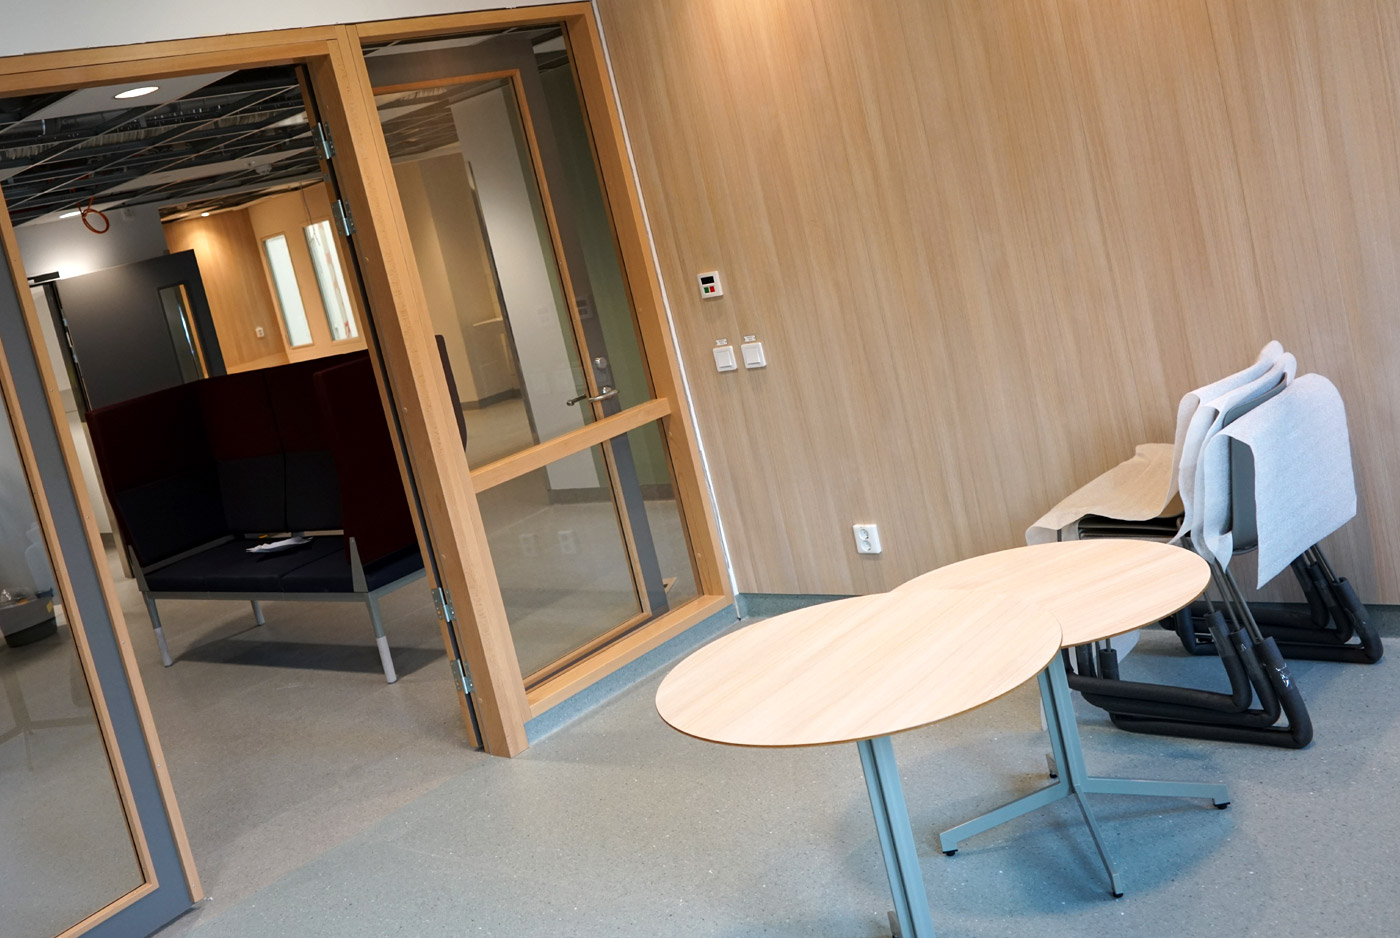 Heving & Hägglund - Byggprojekt - Huddinge Sjukhus Allmänpsykiatri